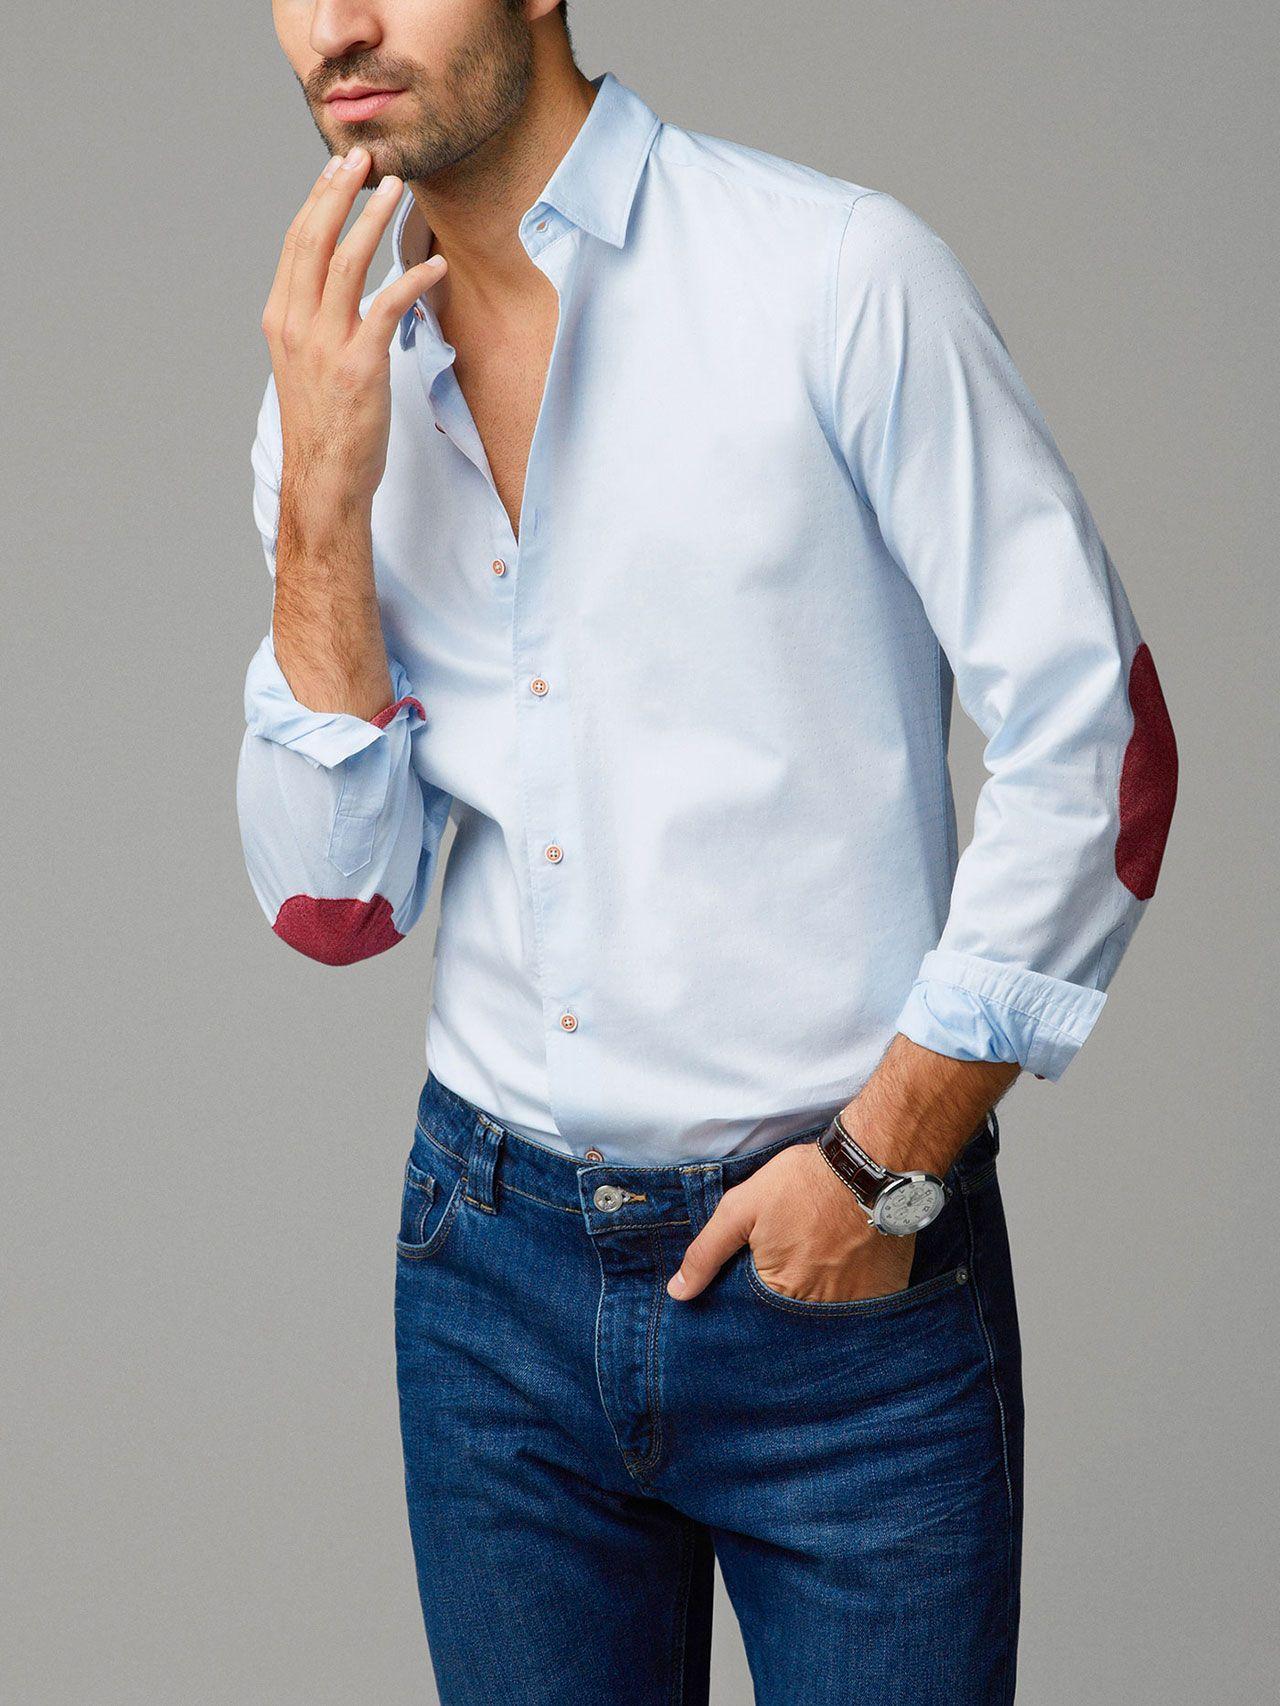 Smiths button up long sleeve work shirt   Work shirts